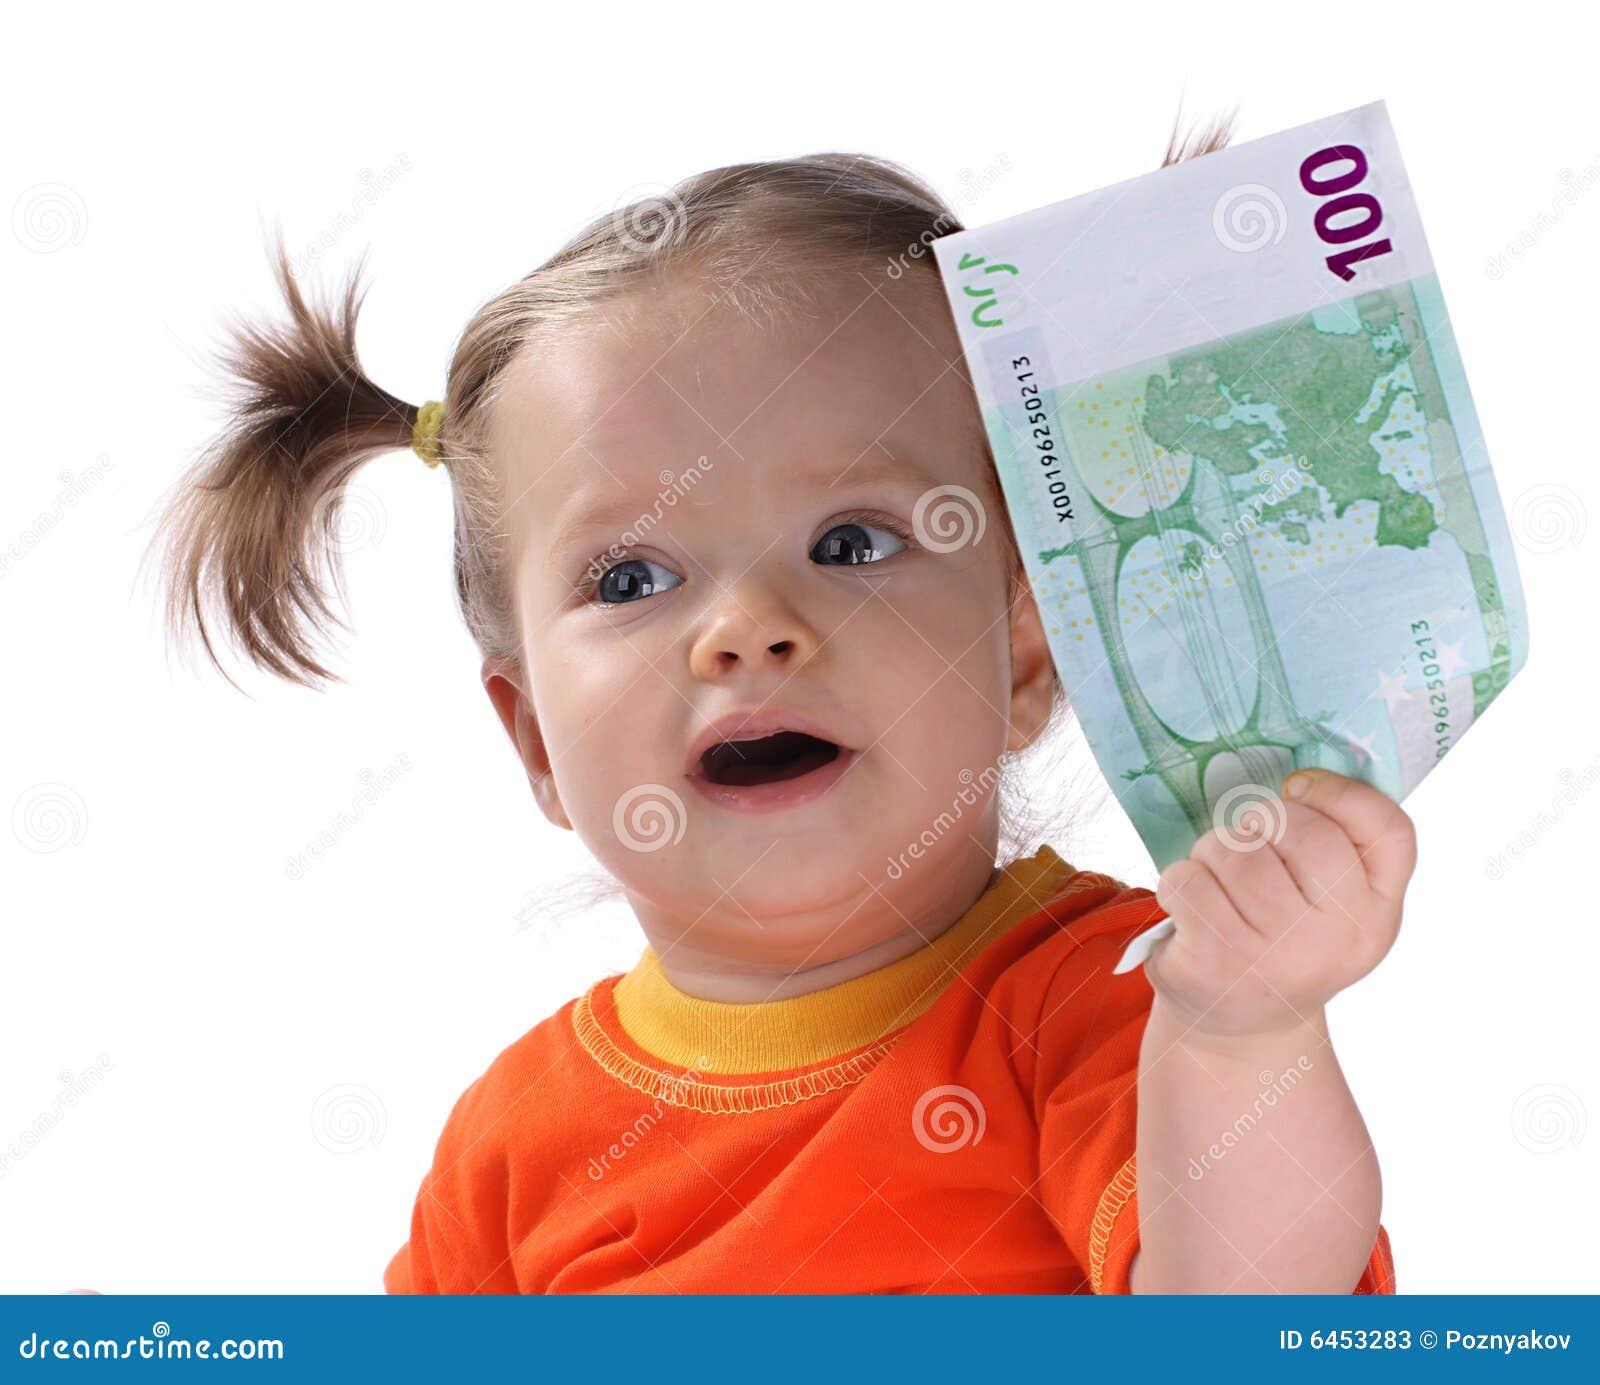 Zabrać dziecko euro